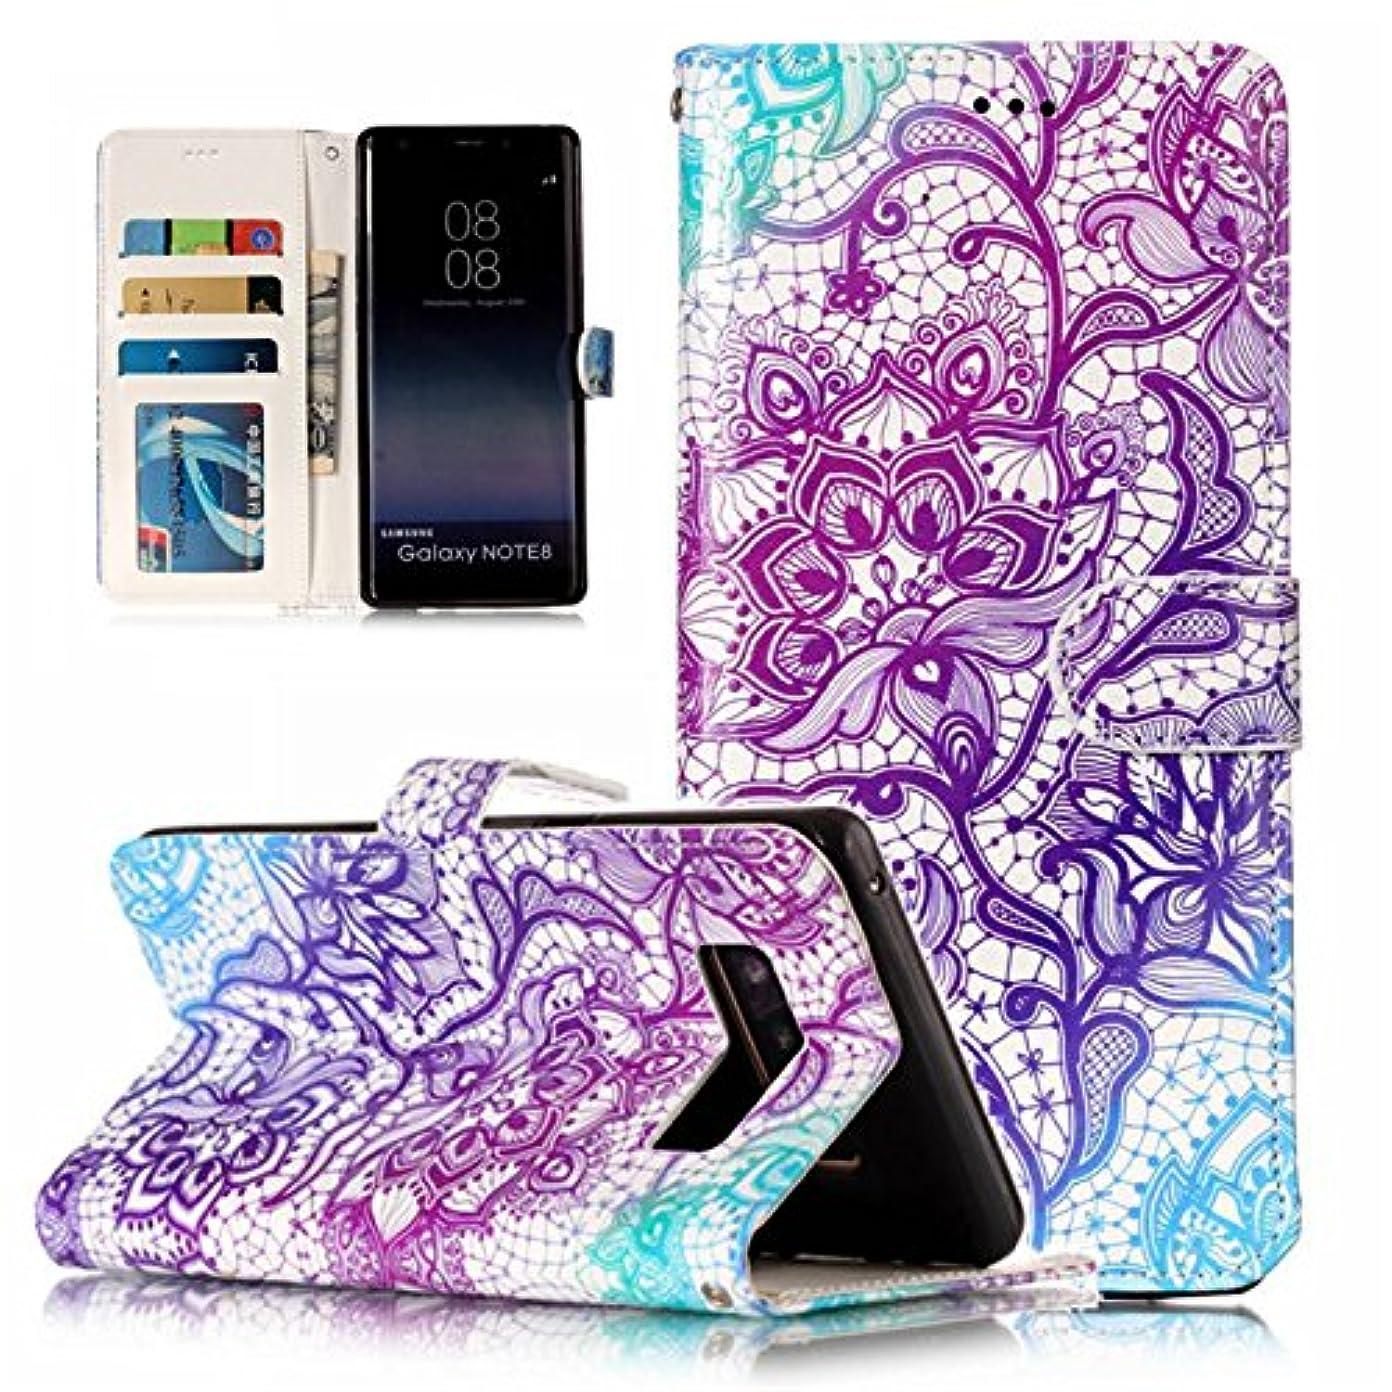 ストレス少なくとも話Galaxy Note 8 ケース, Abtory Colorful PUレザー 財布型 カードポケット マグネット スタンド機能付き ダイヤリー ノート型 耐衝撃 For Samsung Galaxy Note 8(CP11AC2203)